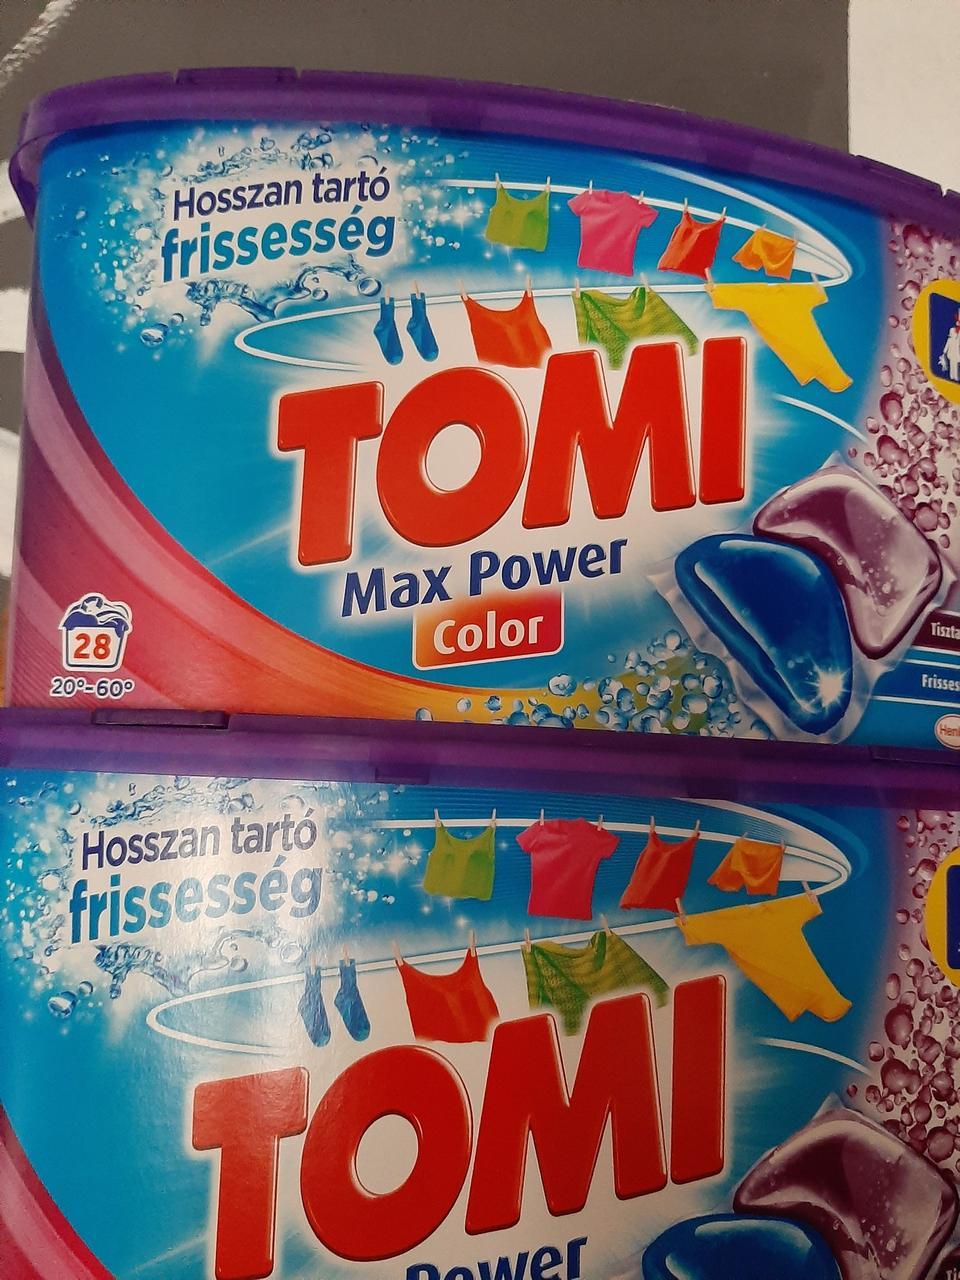 Kапсулы Tomi Max Power  Color для стирки цветного с кондиционером  , 28 шт, Венгрия